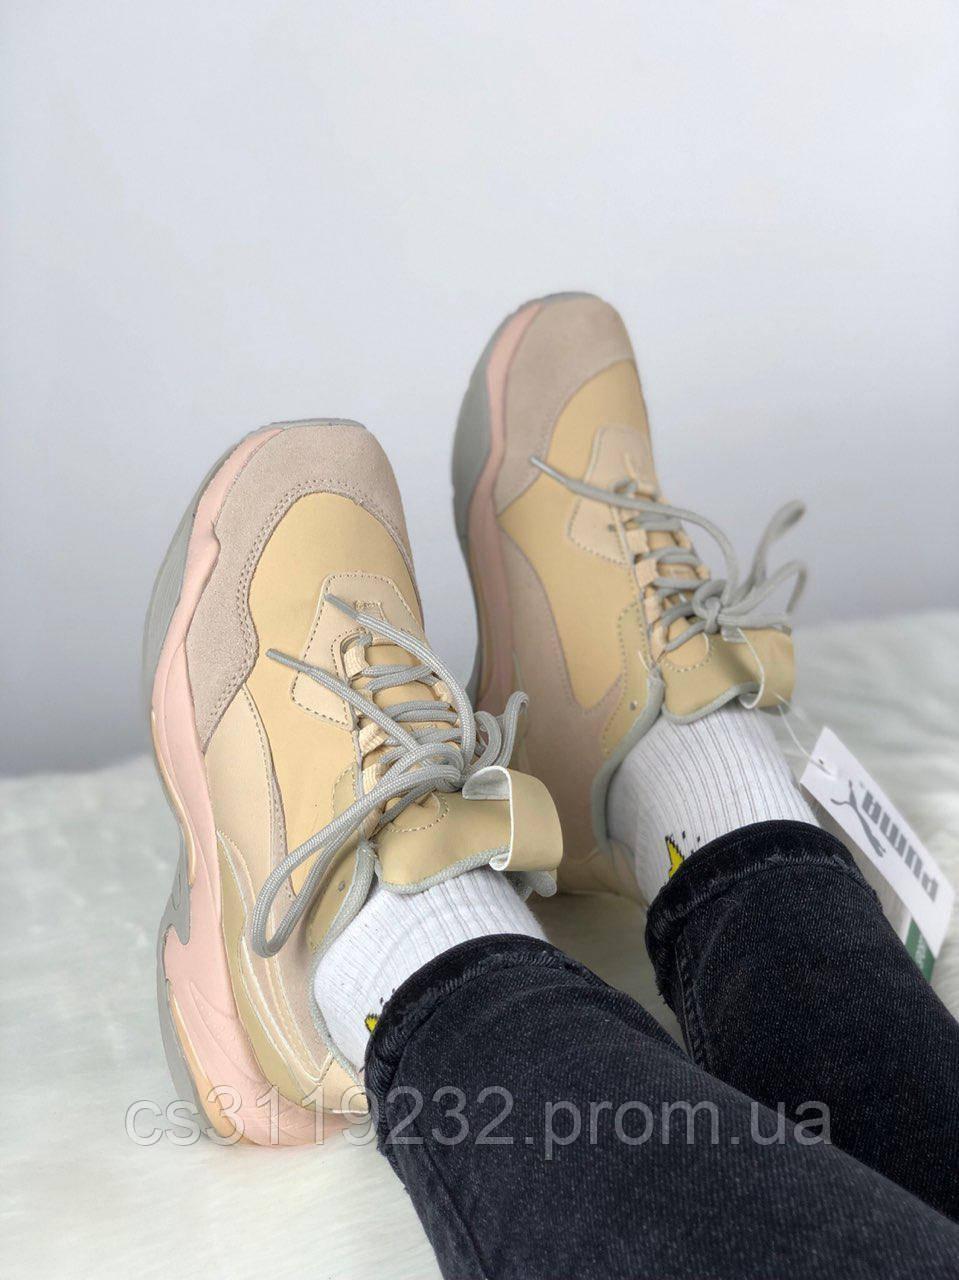 Жіночі кросівки Puma Desert Thunder (кремові)